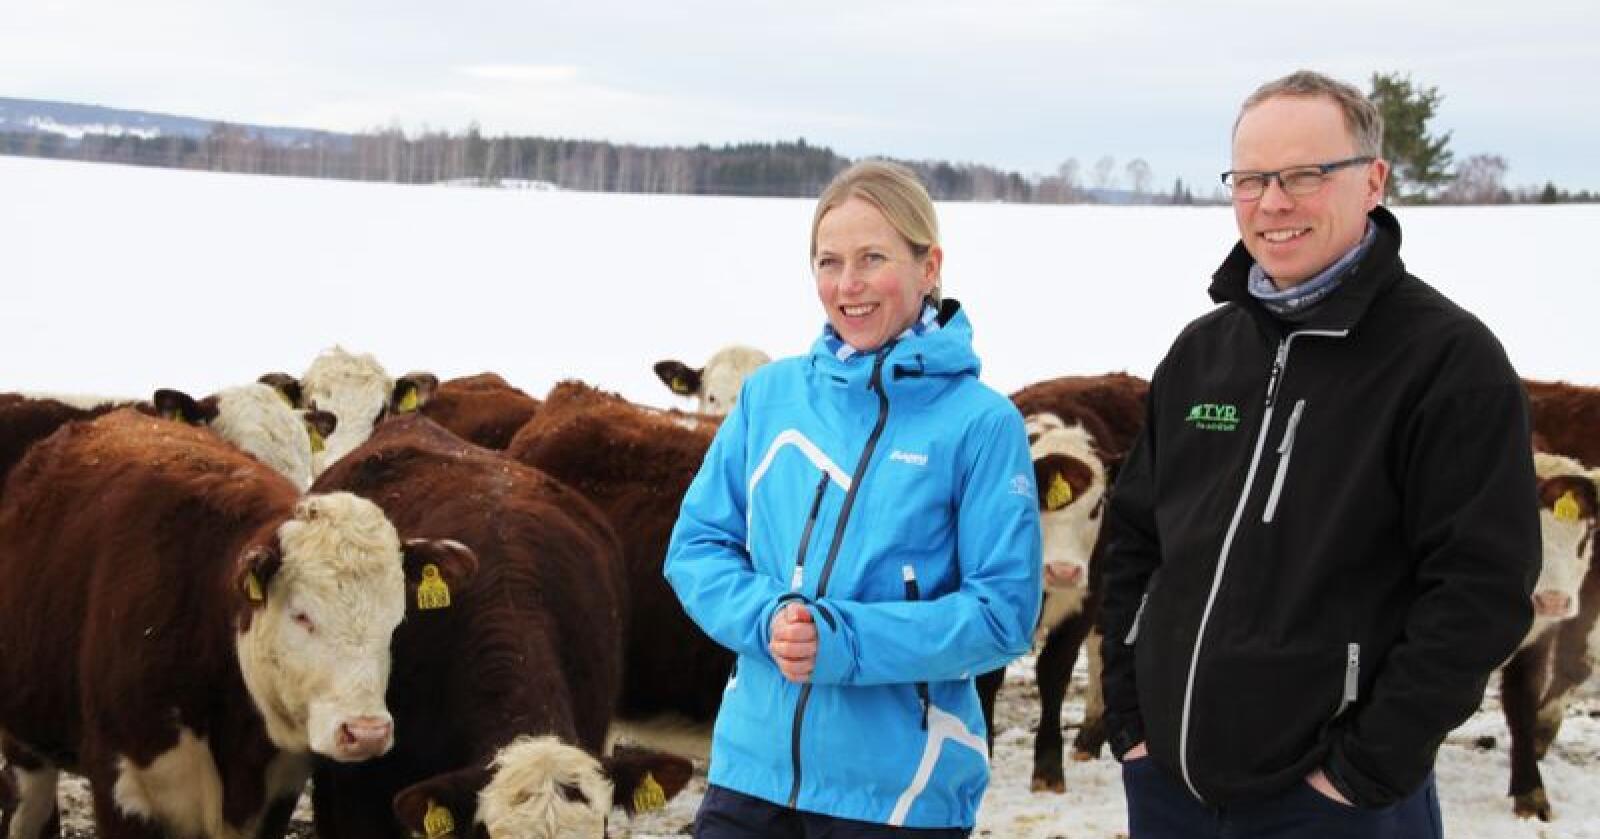 Anne og Johannes Ingvoldstad har om lag 150 dyr på gården på Vang utenfor Hamar. Foto: Lars Bilit Hagen